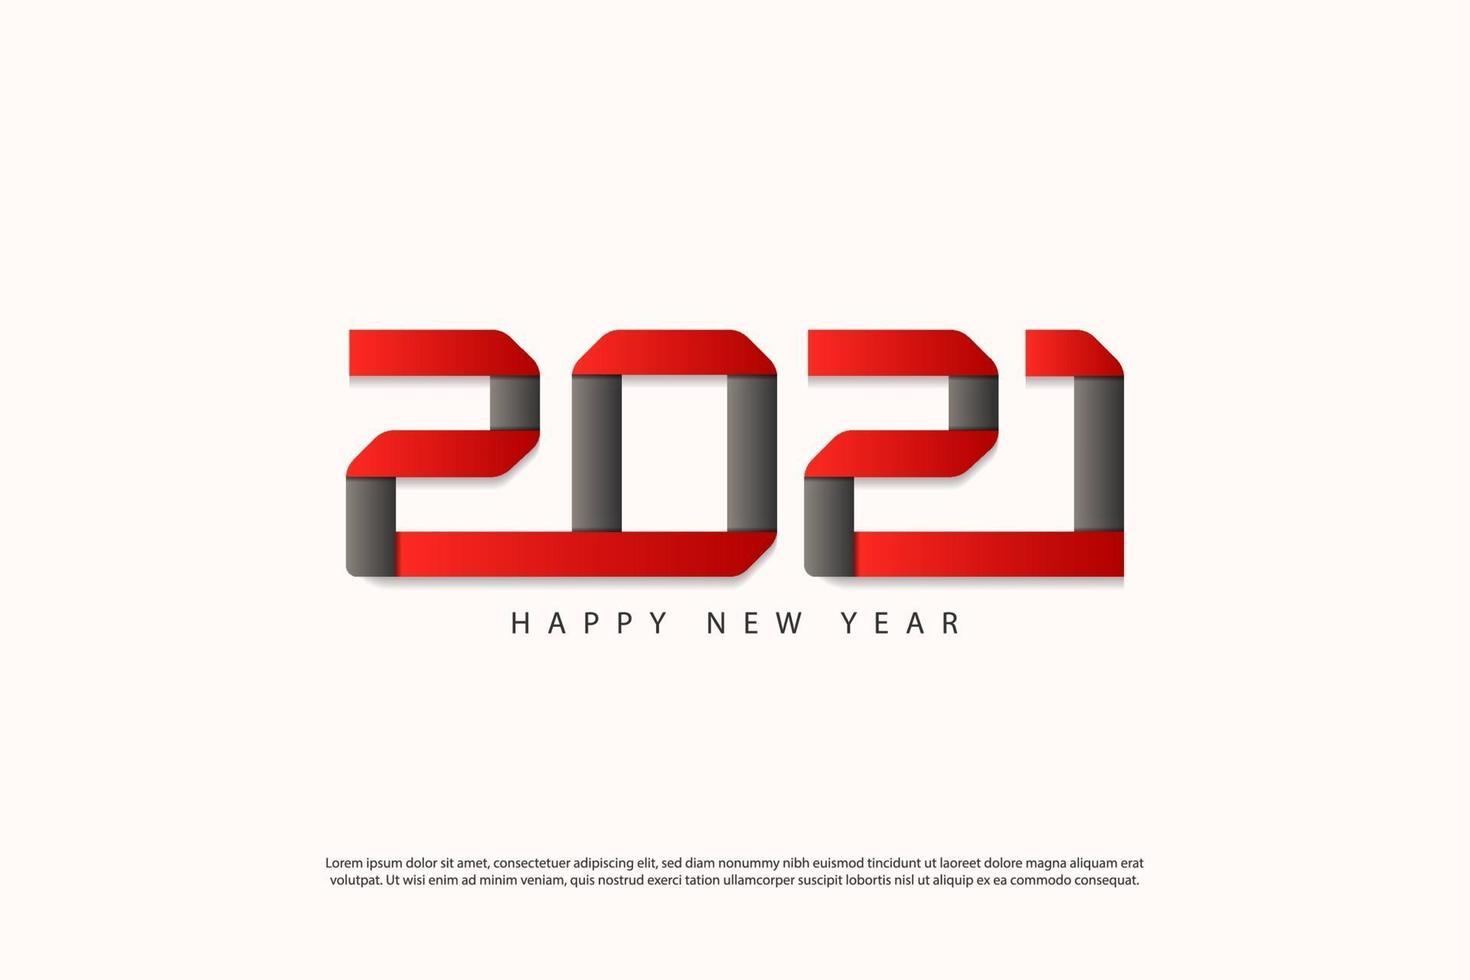 modello di progettazione di felice anno nuovo 2021 creativo per biglietti di auguri, poster, banner, illustrazione vettoriale. isolato su sfondo bianco. vettore